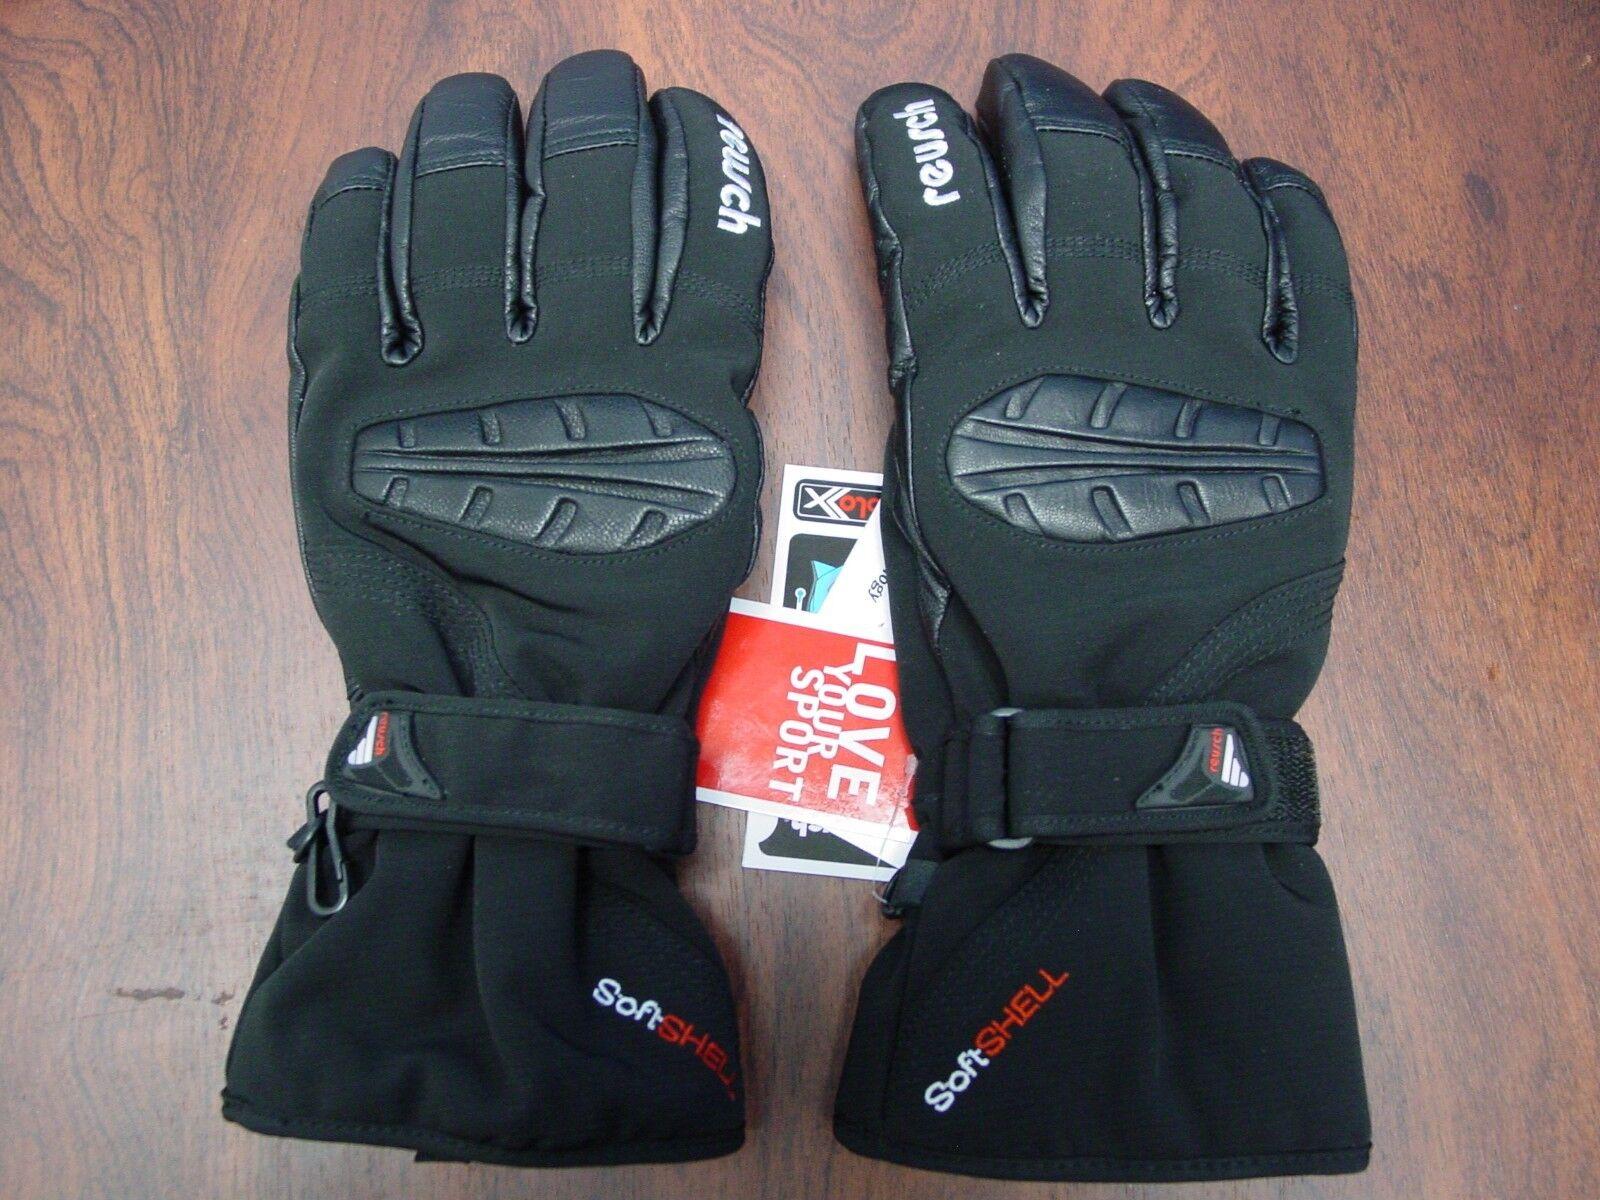 Neu Reusch Stormbloxx Softshell & Leder Ski Handschuhe Medium 8.5 Axamer 2888334